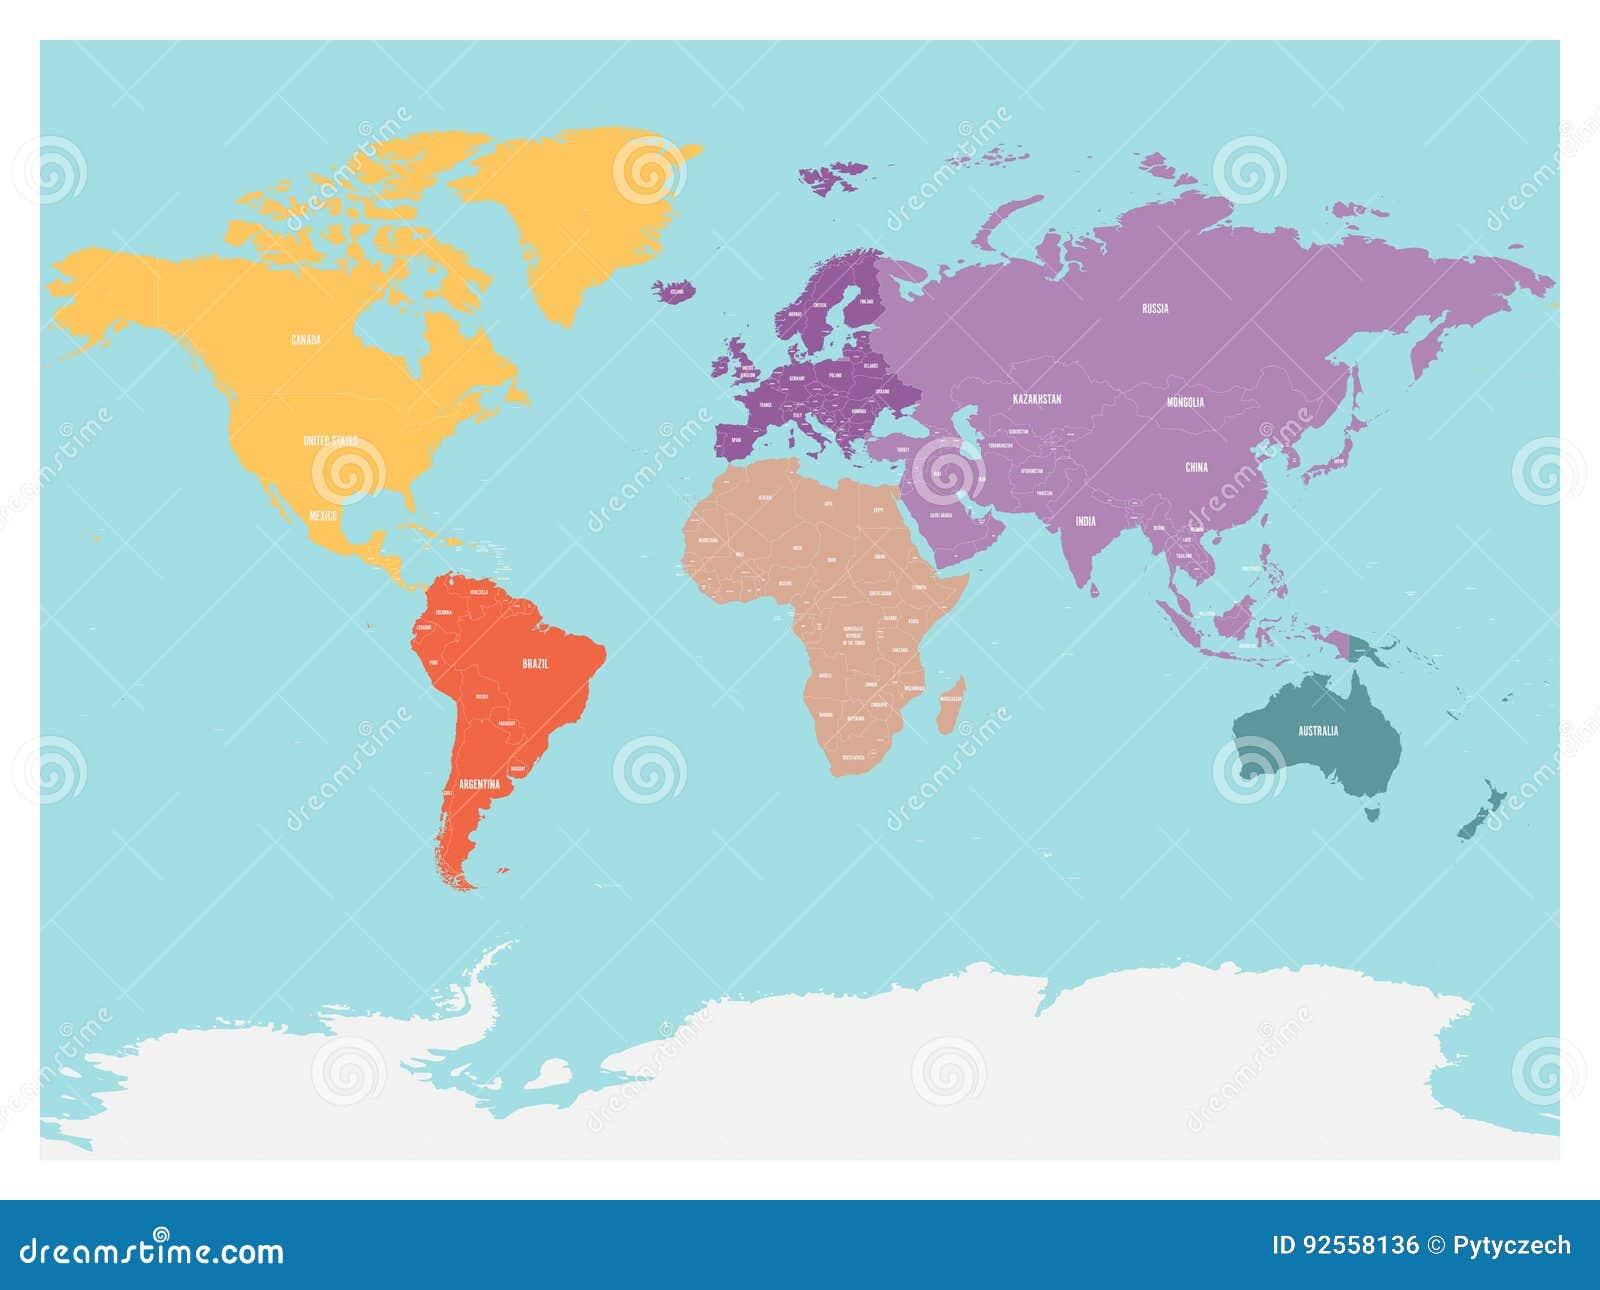 Cartina Del Mondo Con Continenti.Mappa Politica Del Mondo Con L Antartide Continenti Nei